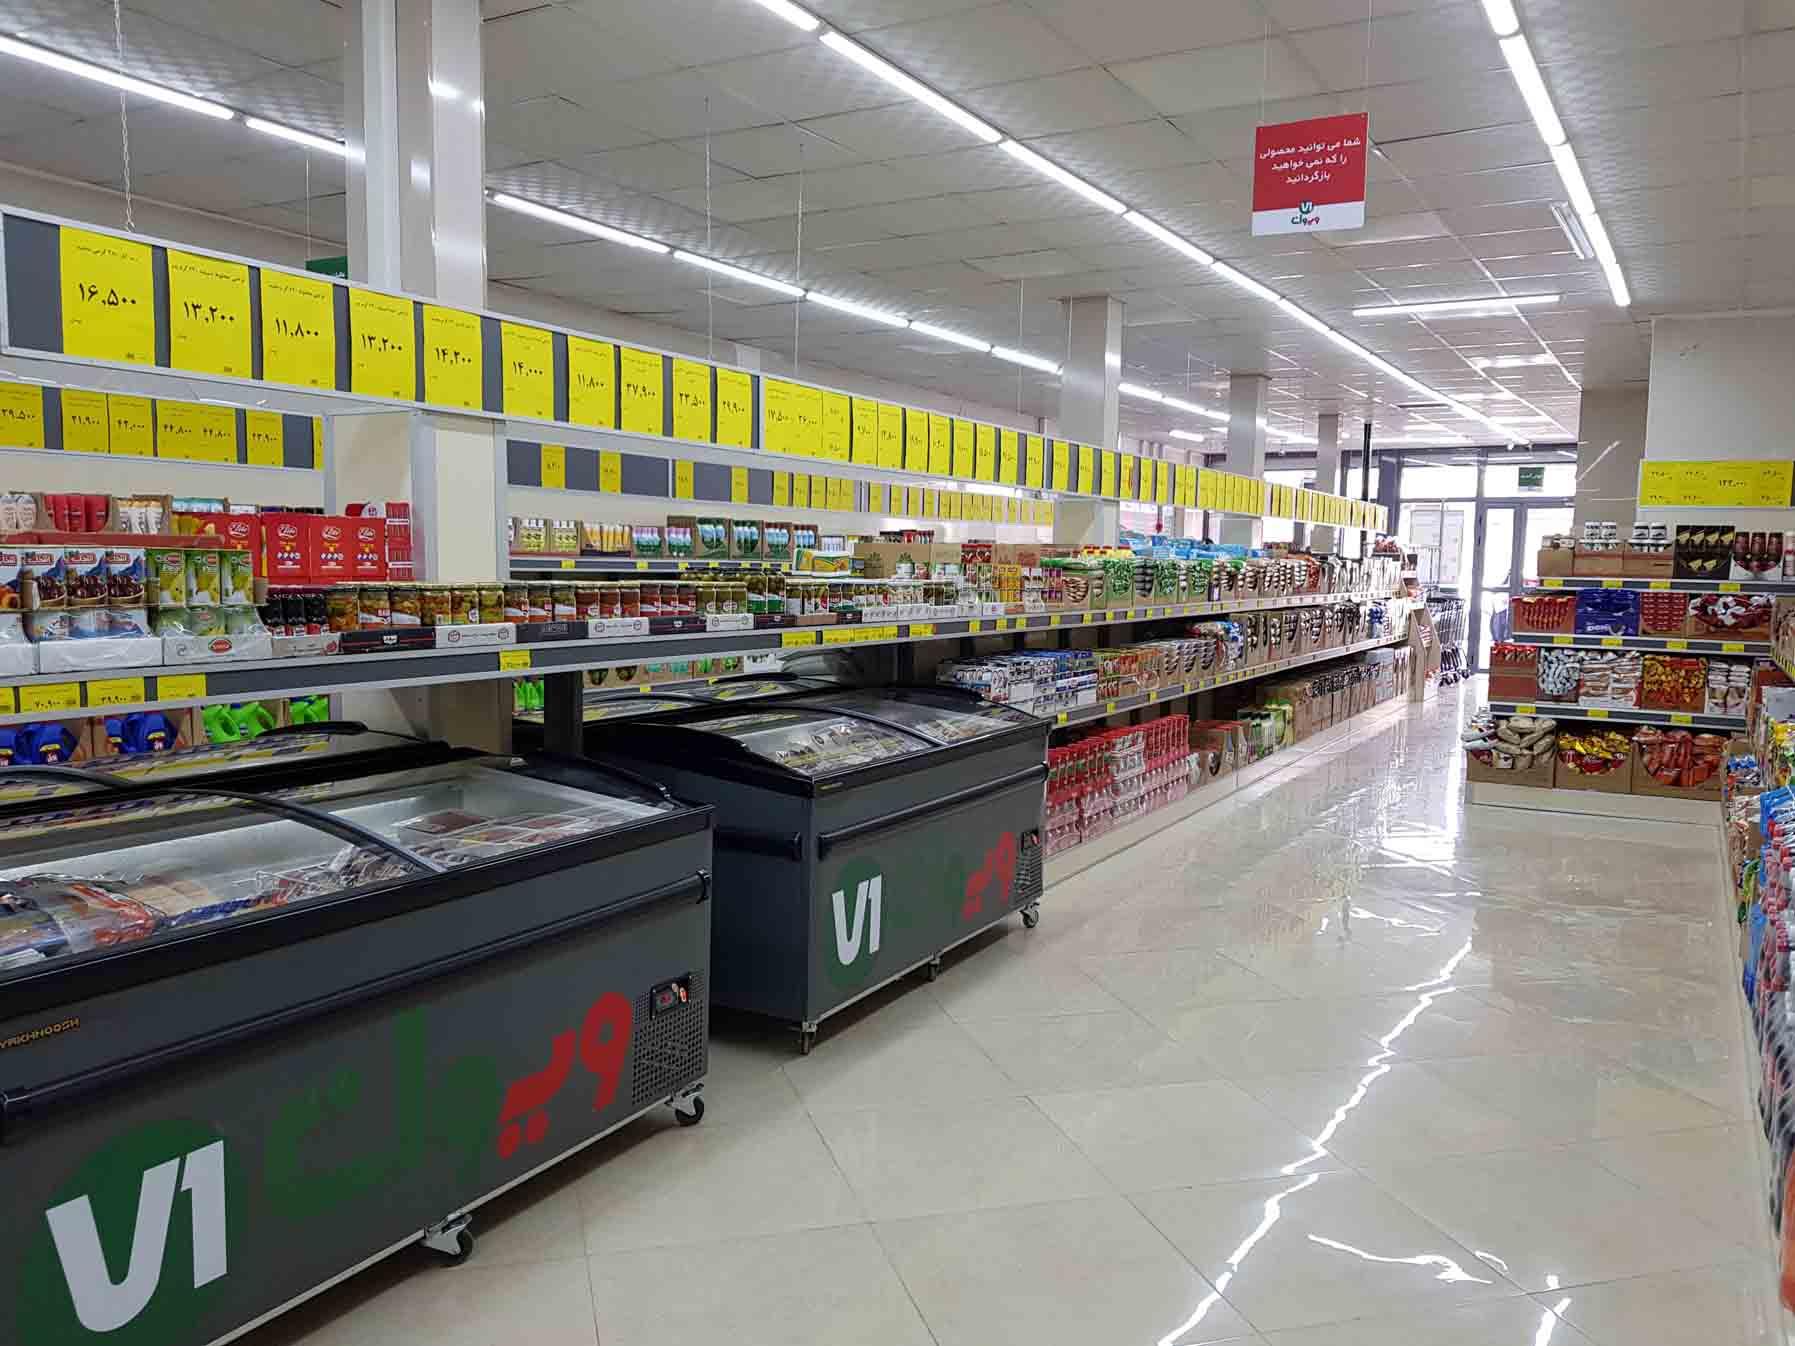 فروشگاه های زنجیره ای تخفیفی ویوان در قیام دشت افتتاح گردید